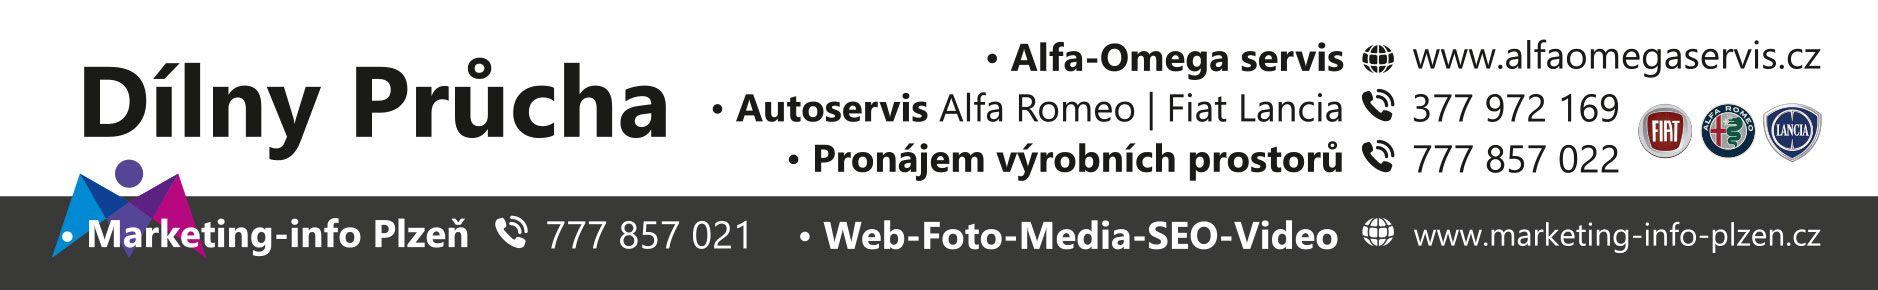 Alfa – Omega servis: Autoservis Alfa Romeo – Fiat – Lancia: Dílny Průcha